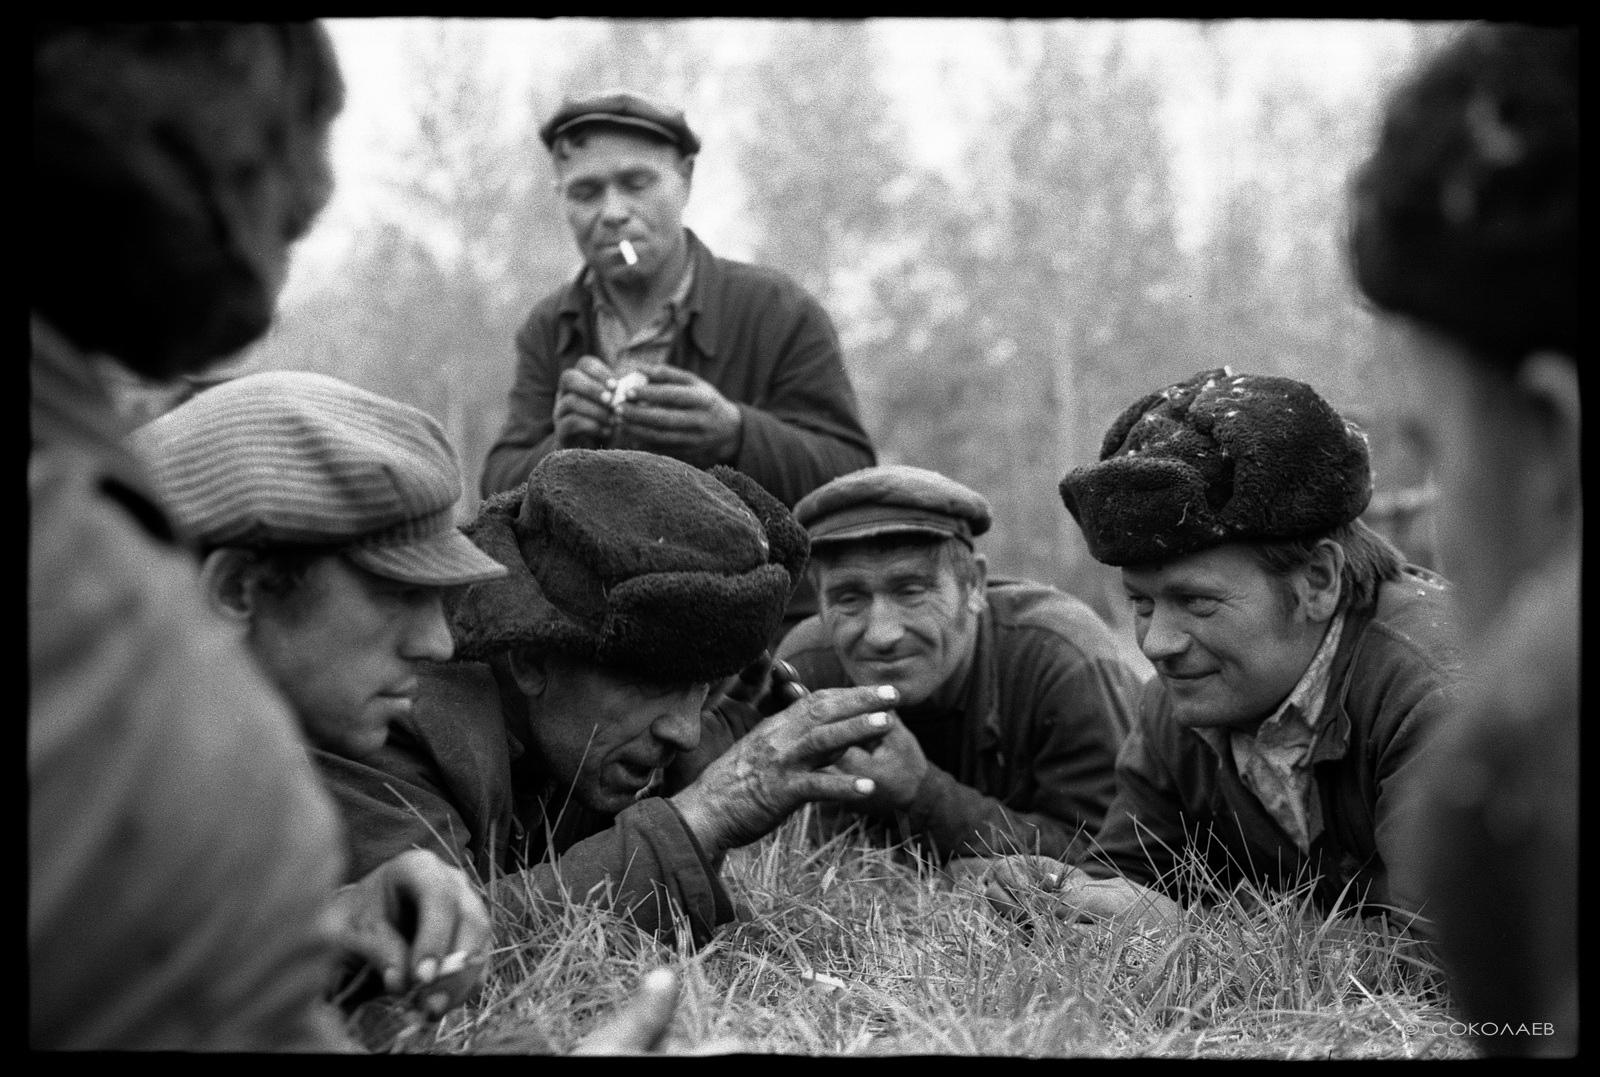 Фотограф Владимир Соколаев — СССР